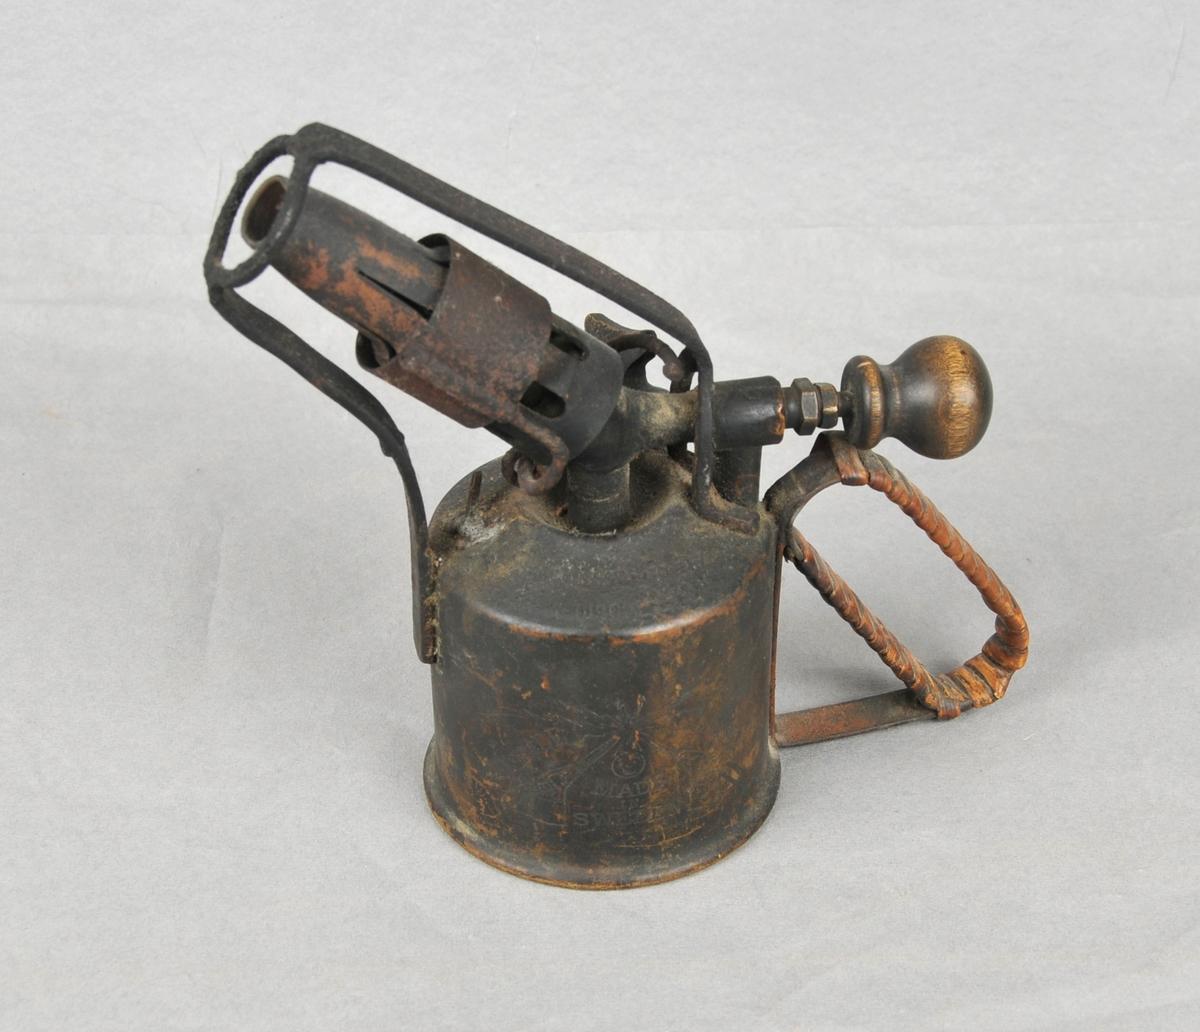 Liten behaldar med handtak surra med tæger. For bensingass. Blei varma upp med sprit til bensingassen kom ut. Denne loddelampa var i bruk til sylvsmedarbeid fra 1907 og fram til 1920: Då kom bensingass med trøbelg i bruk.